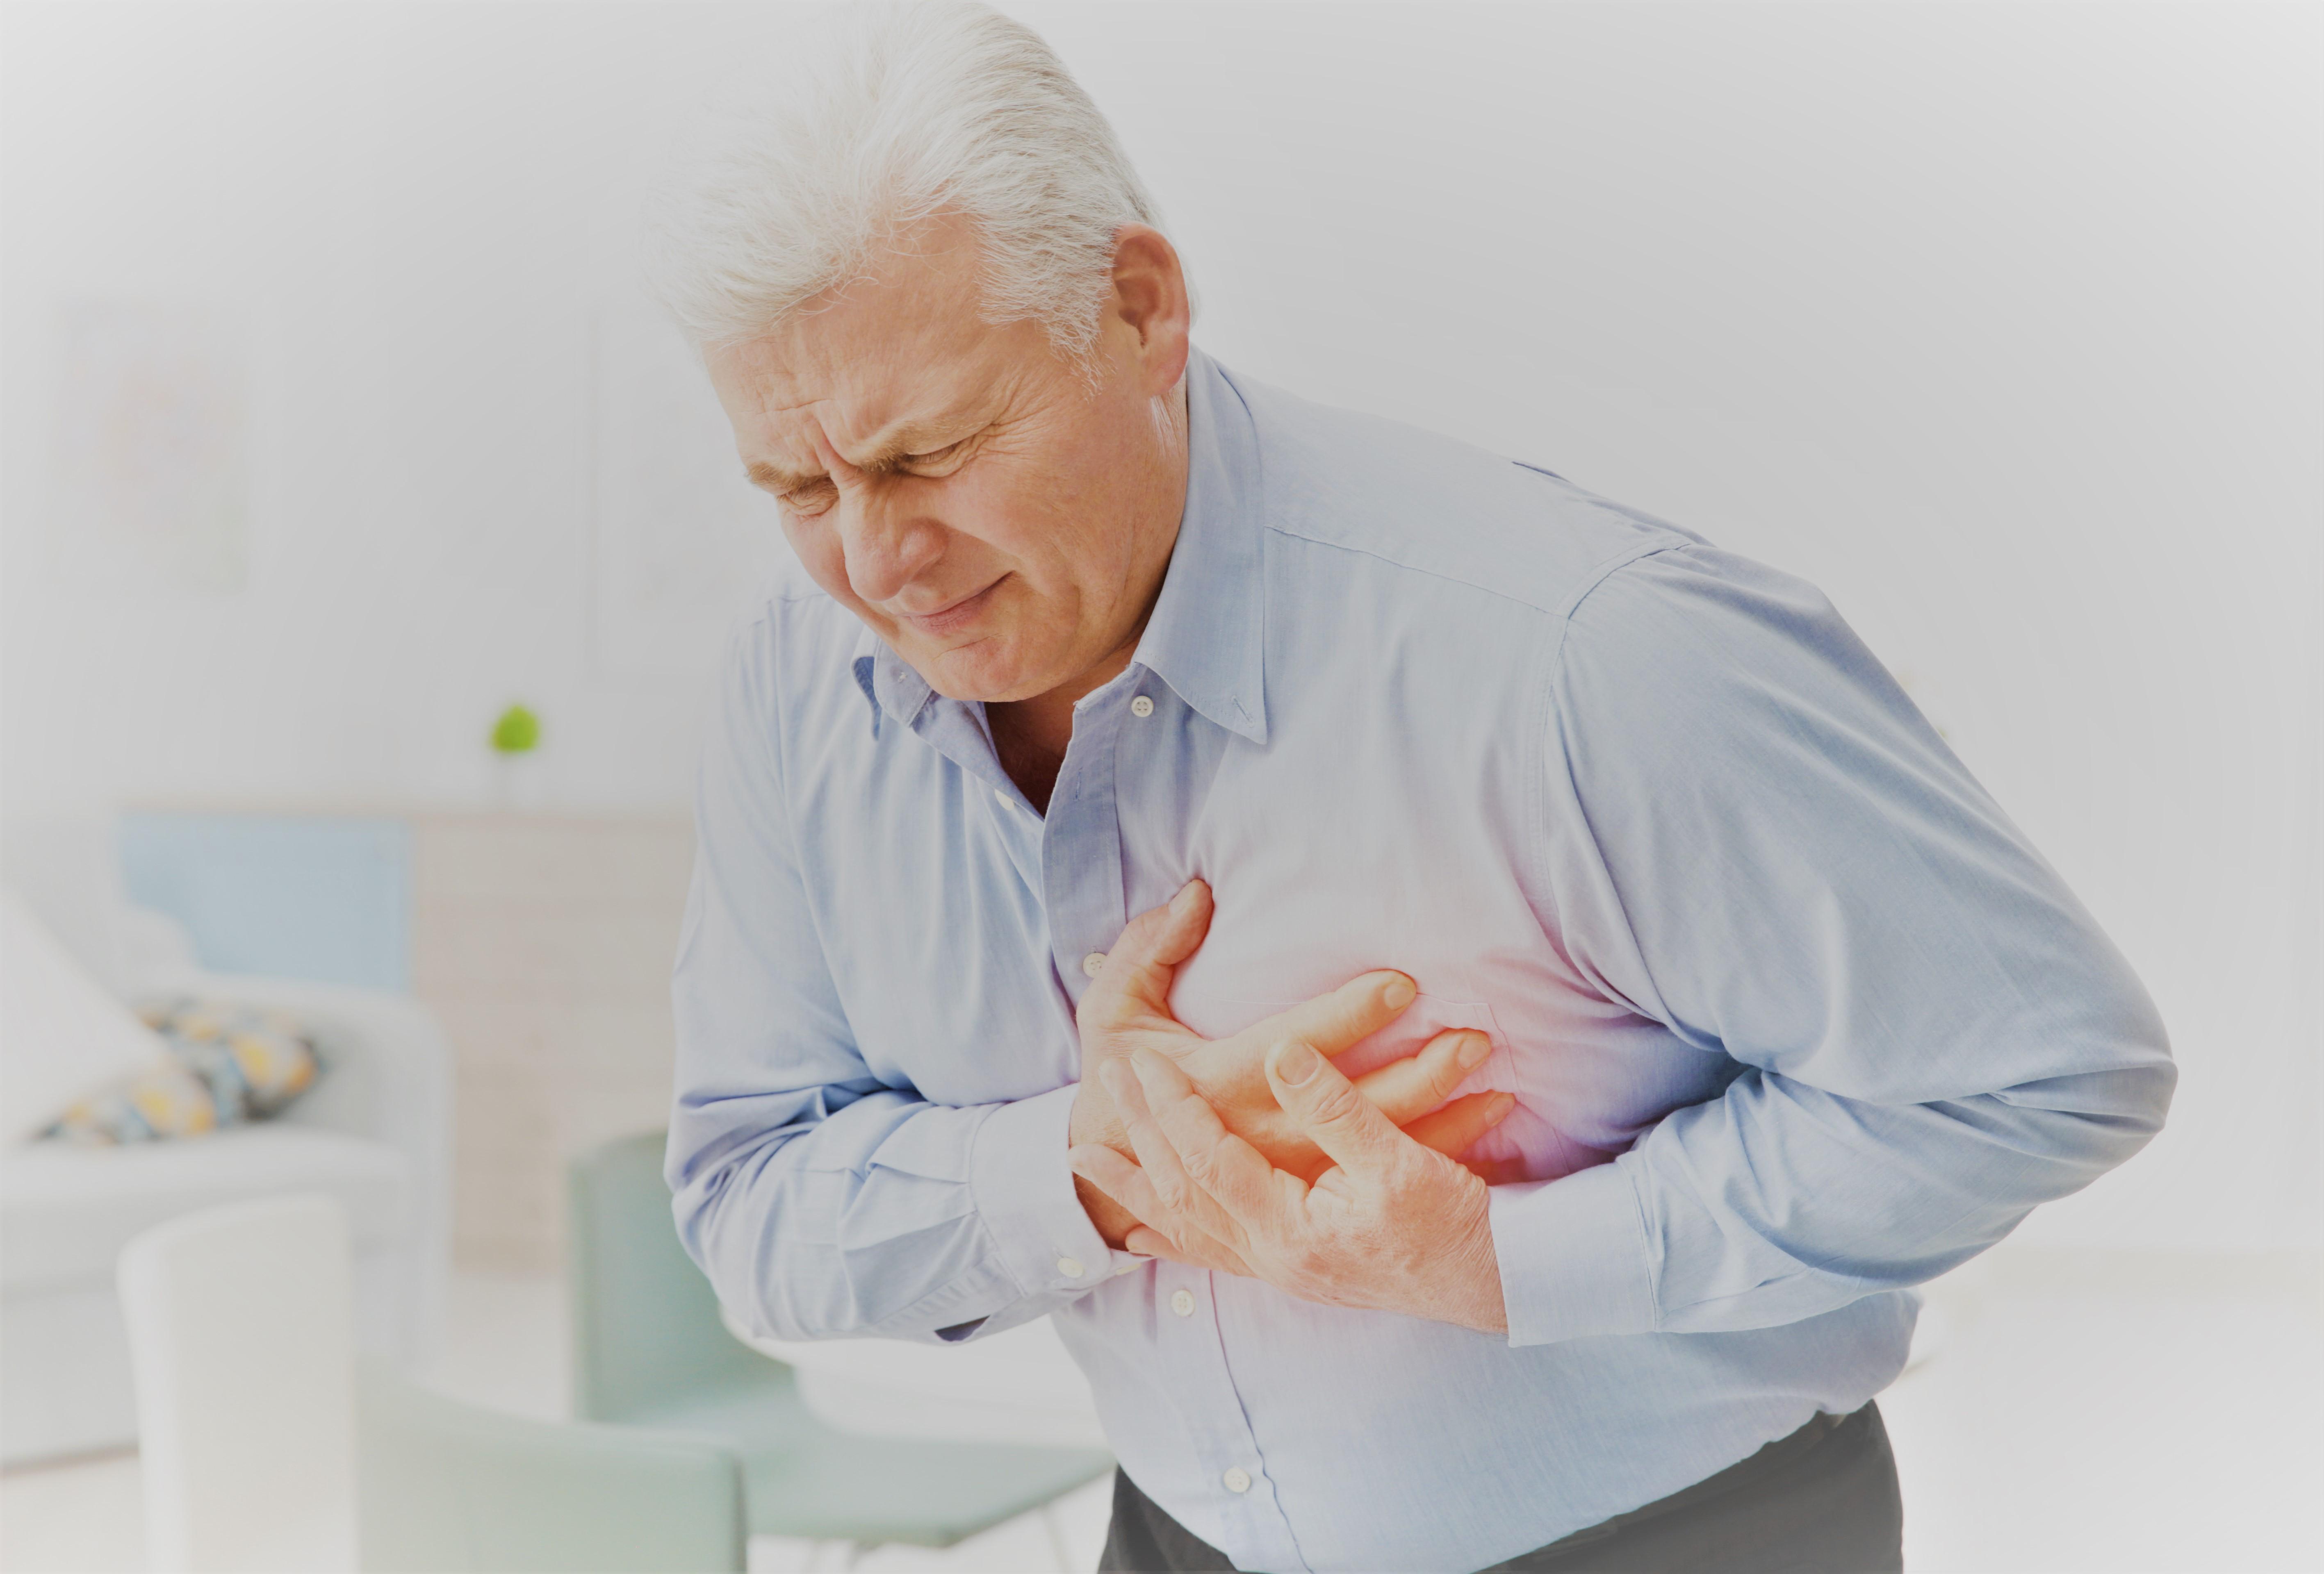 ivás után a kéz ízülete fáj a csontok és ízületek az egész testben fájnak